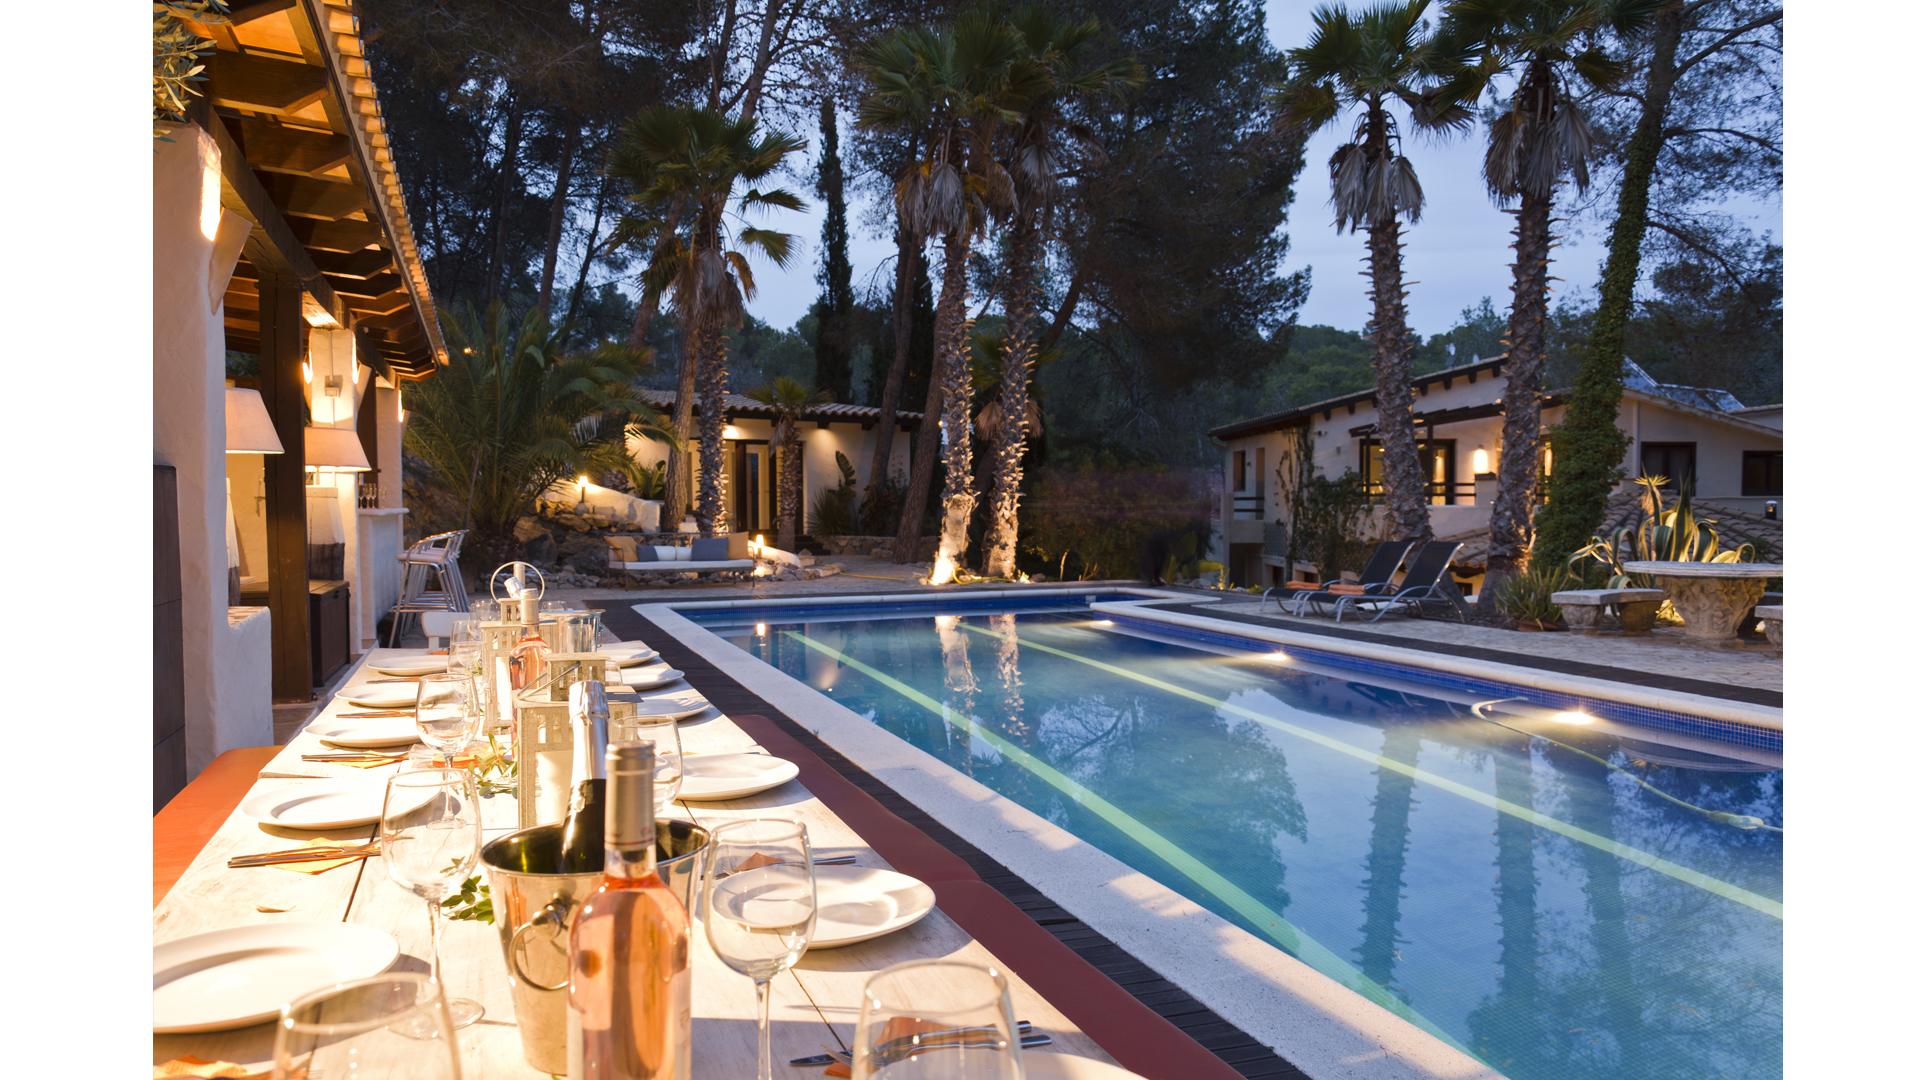 Ferienhaus Villa Palmera, Paradies in der Nhe von Barcelona, luxurise Villa fr 22 Personen (2379177), Olivella, Costa del Garraf, Katalonien, Spanien, Bild 1